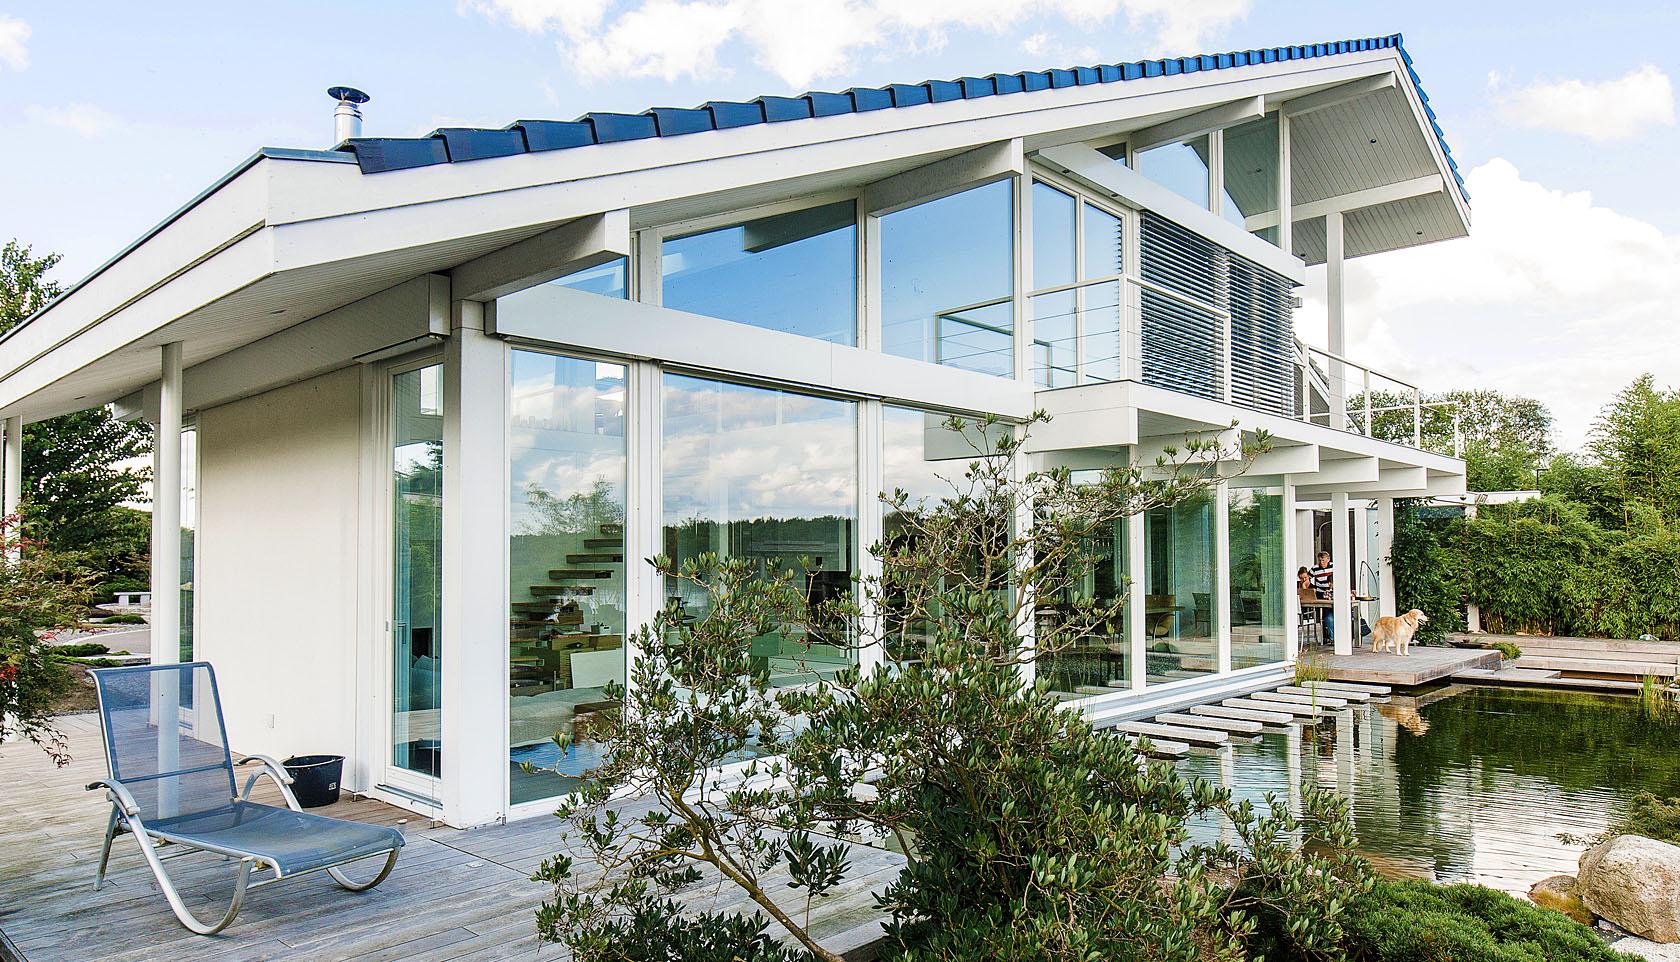 Holzhaus Architektur individuelle fachwerkhaus landhaus hausbau holzhaus architektur